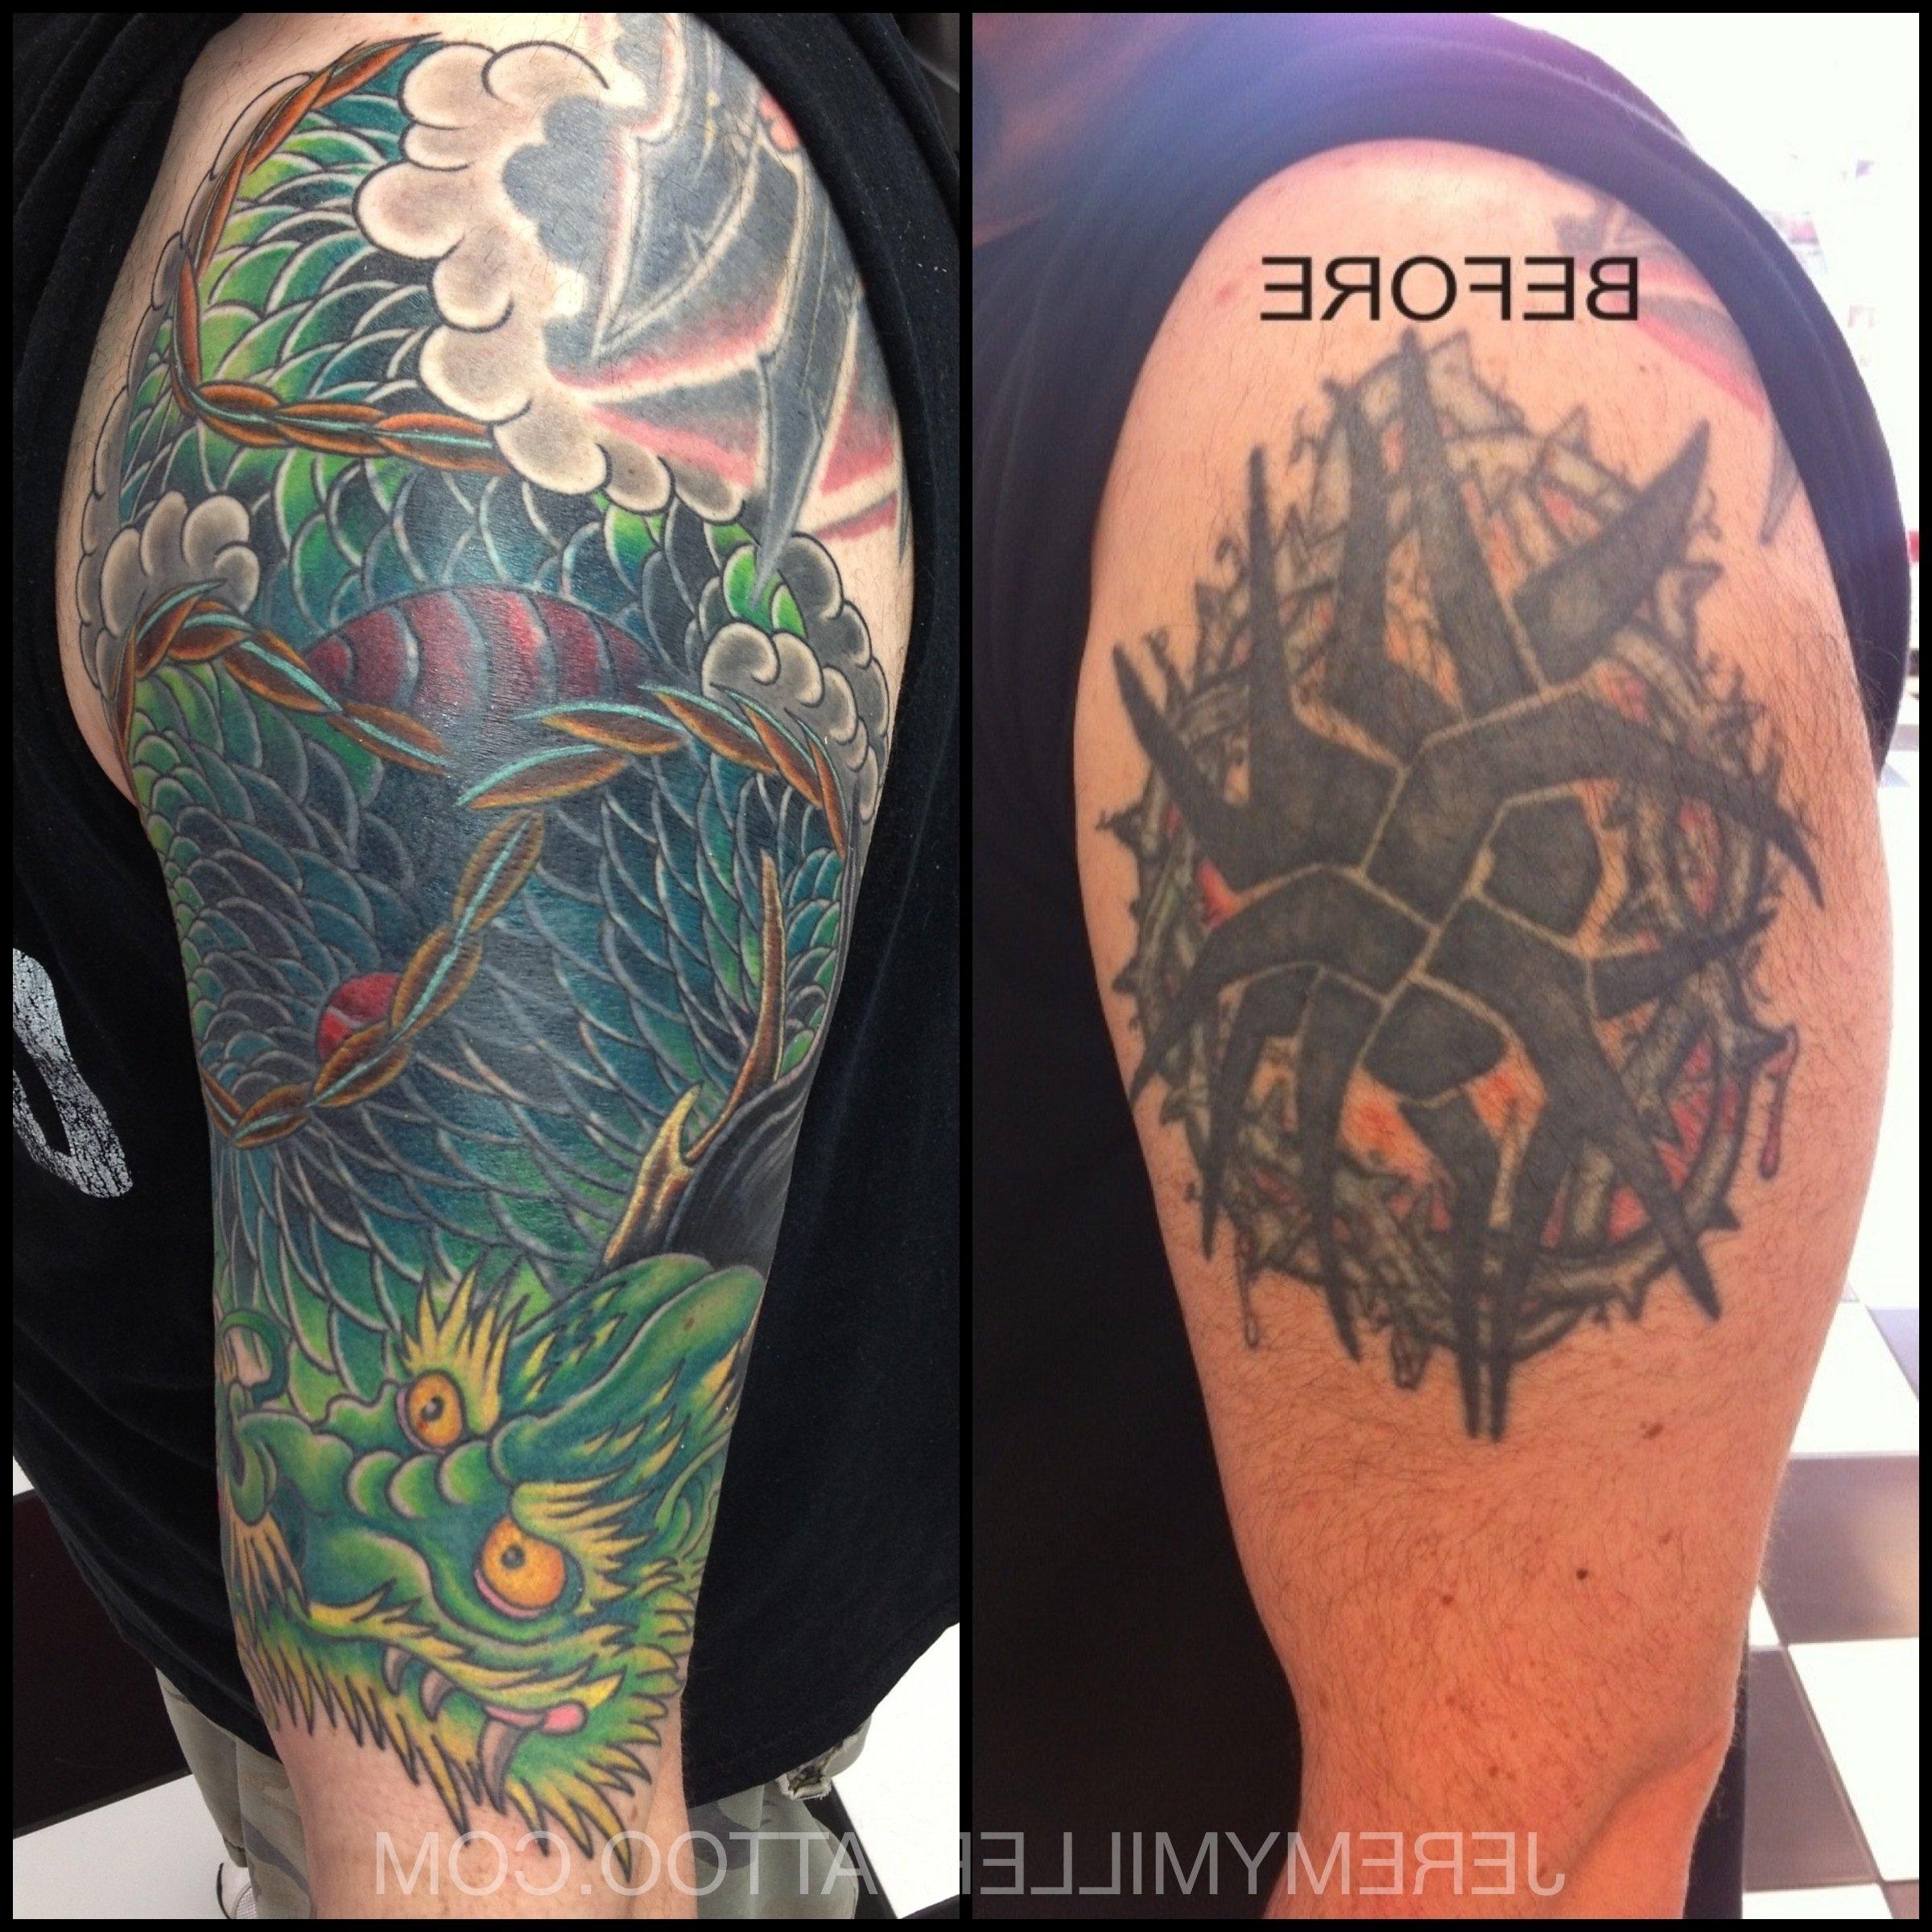 10 Stylish Tribal Tattoo Cover Up Ideas tattoo cover up ideas for shoulder 34 tribal tattoos that turned 2020